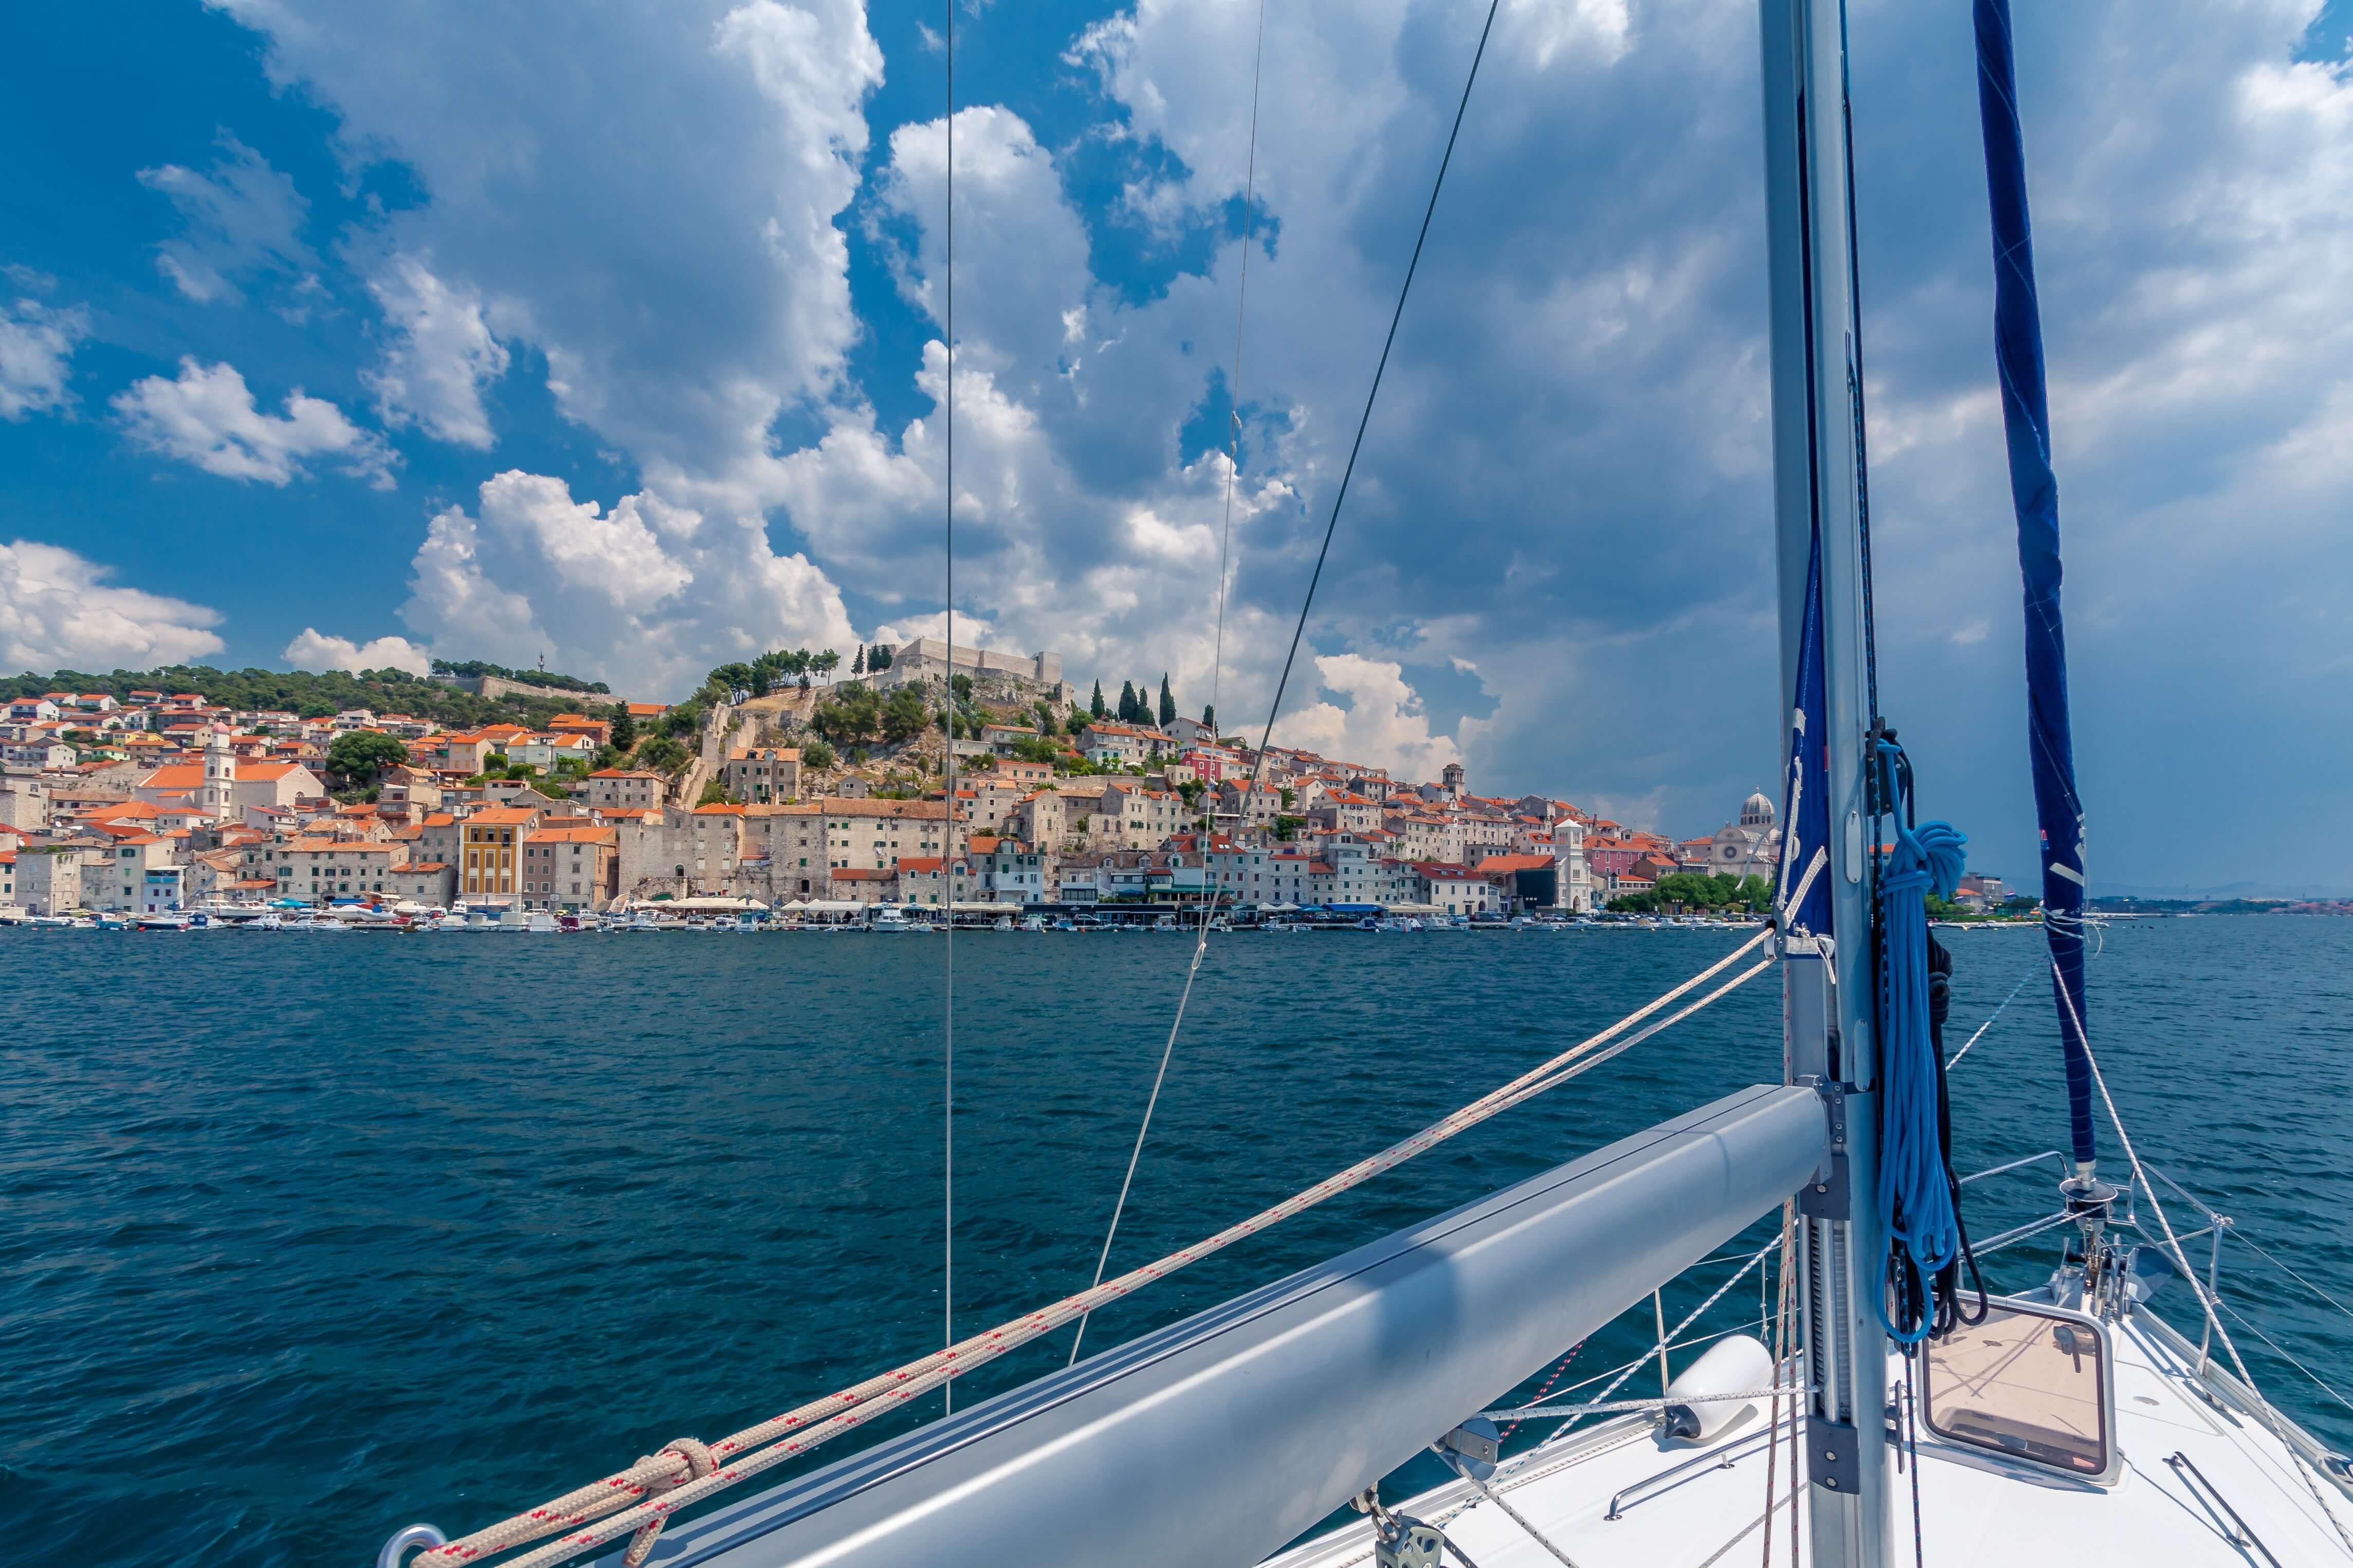 CAmping und Bootfahren in Kroatien